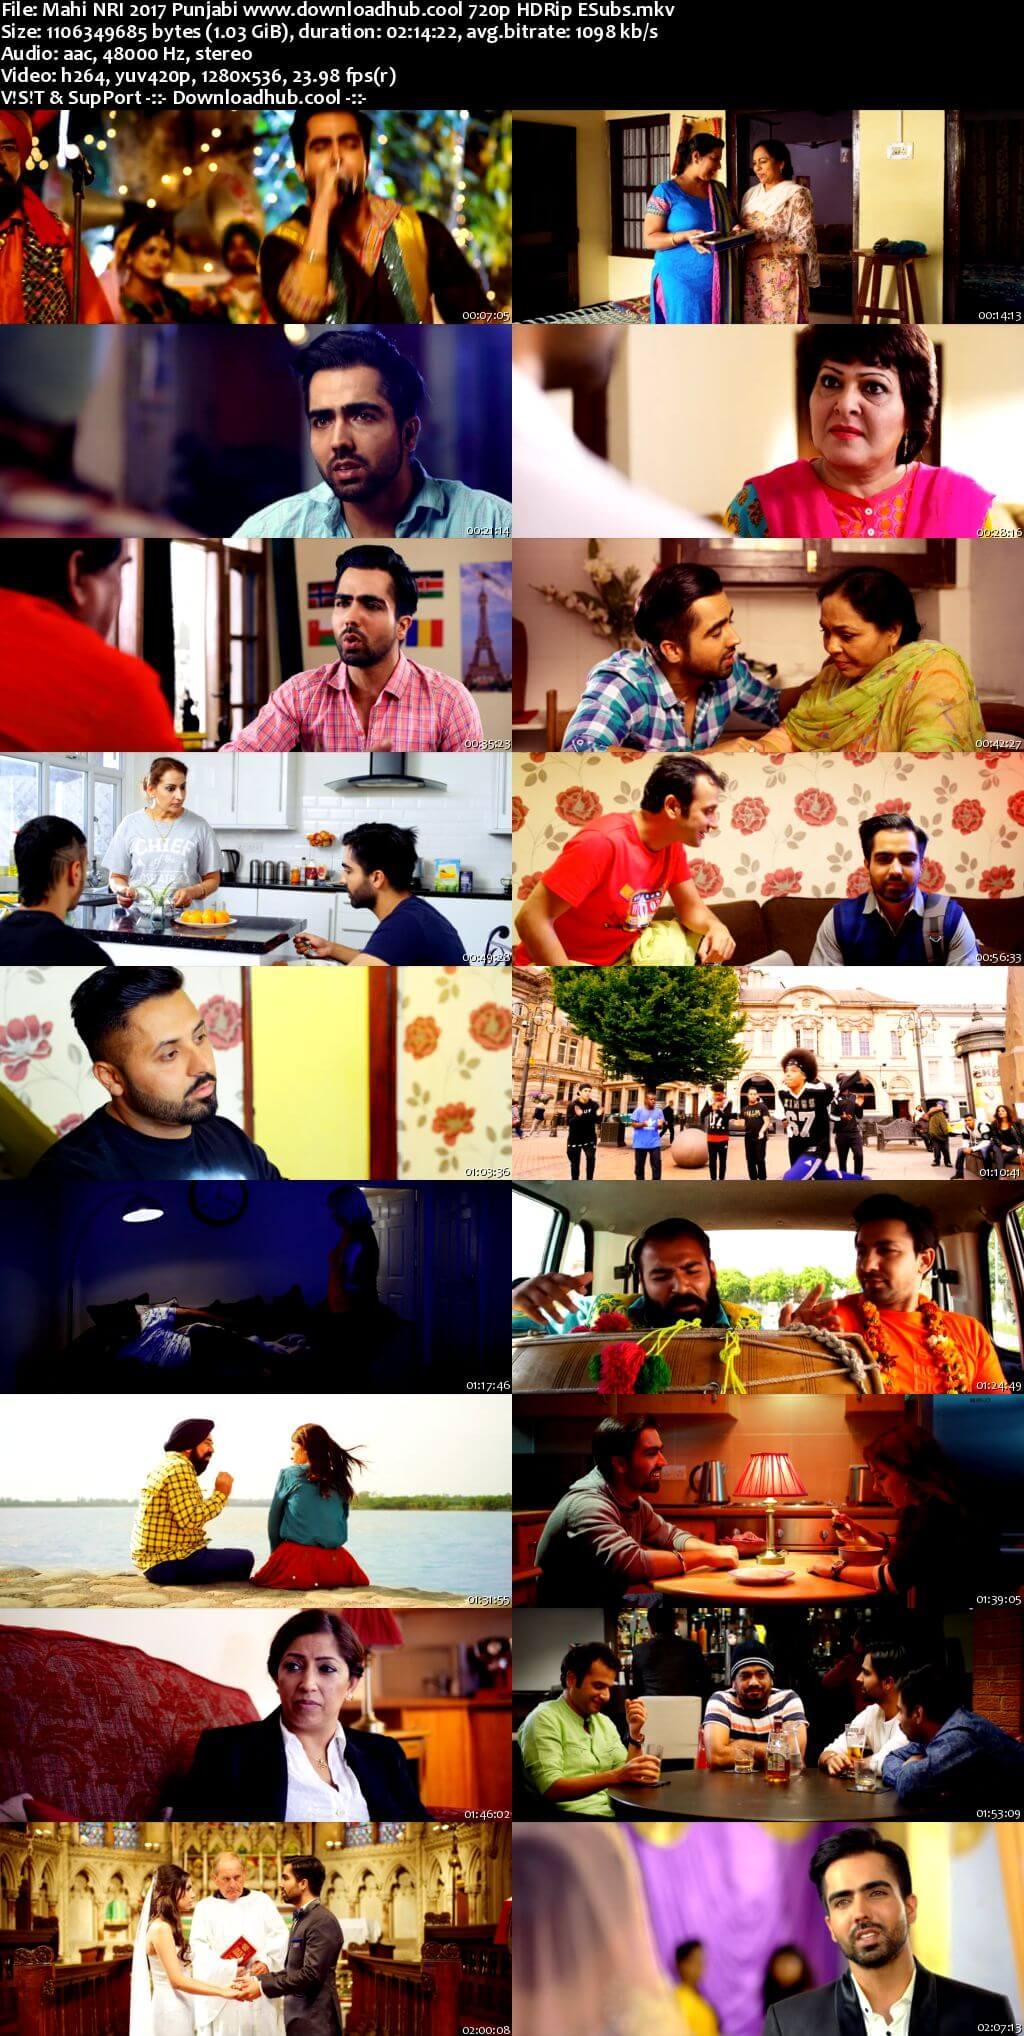 Mahi NRI 2017 Punjabi 720p HDRip ESubs